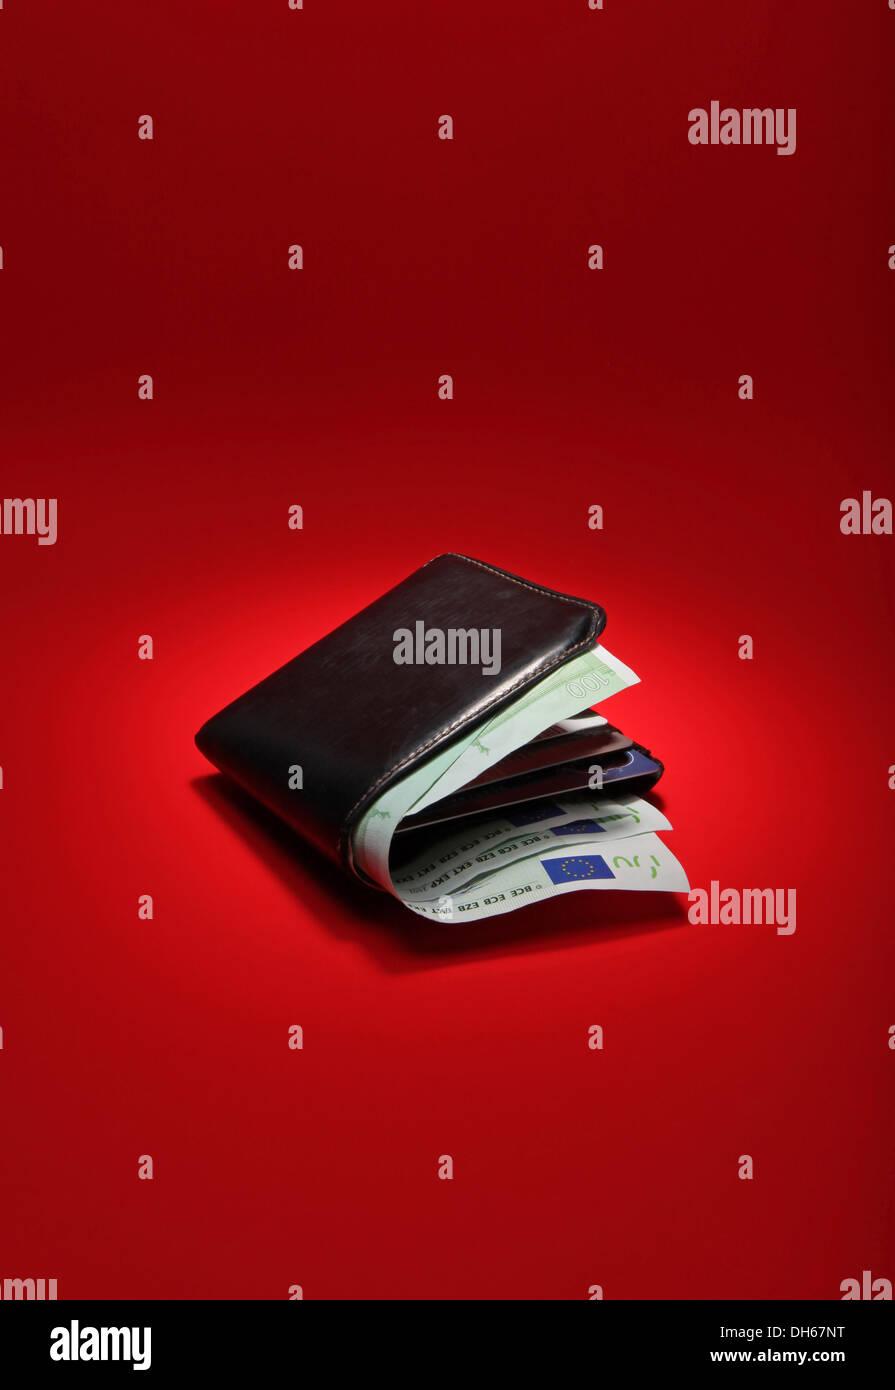 Un nero portafoglio in pelle riempito con moneta europea su un brillante sfondo rosso Immagini Stock